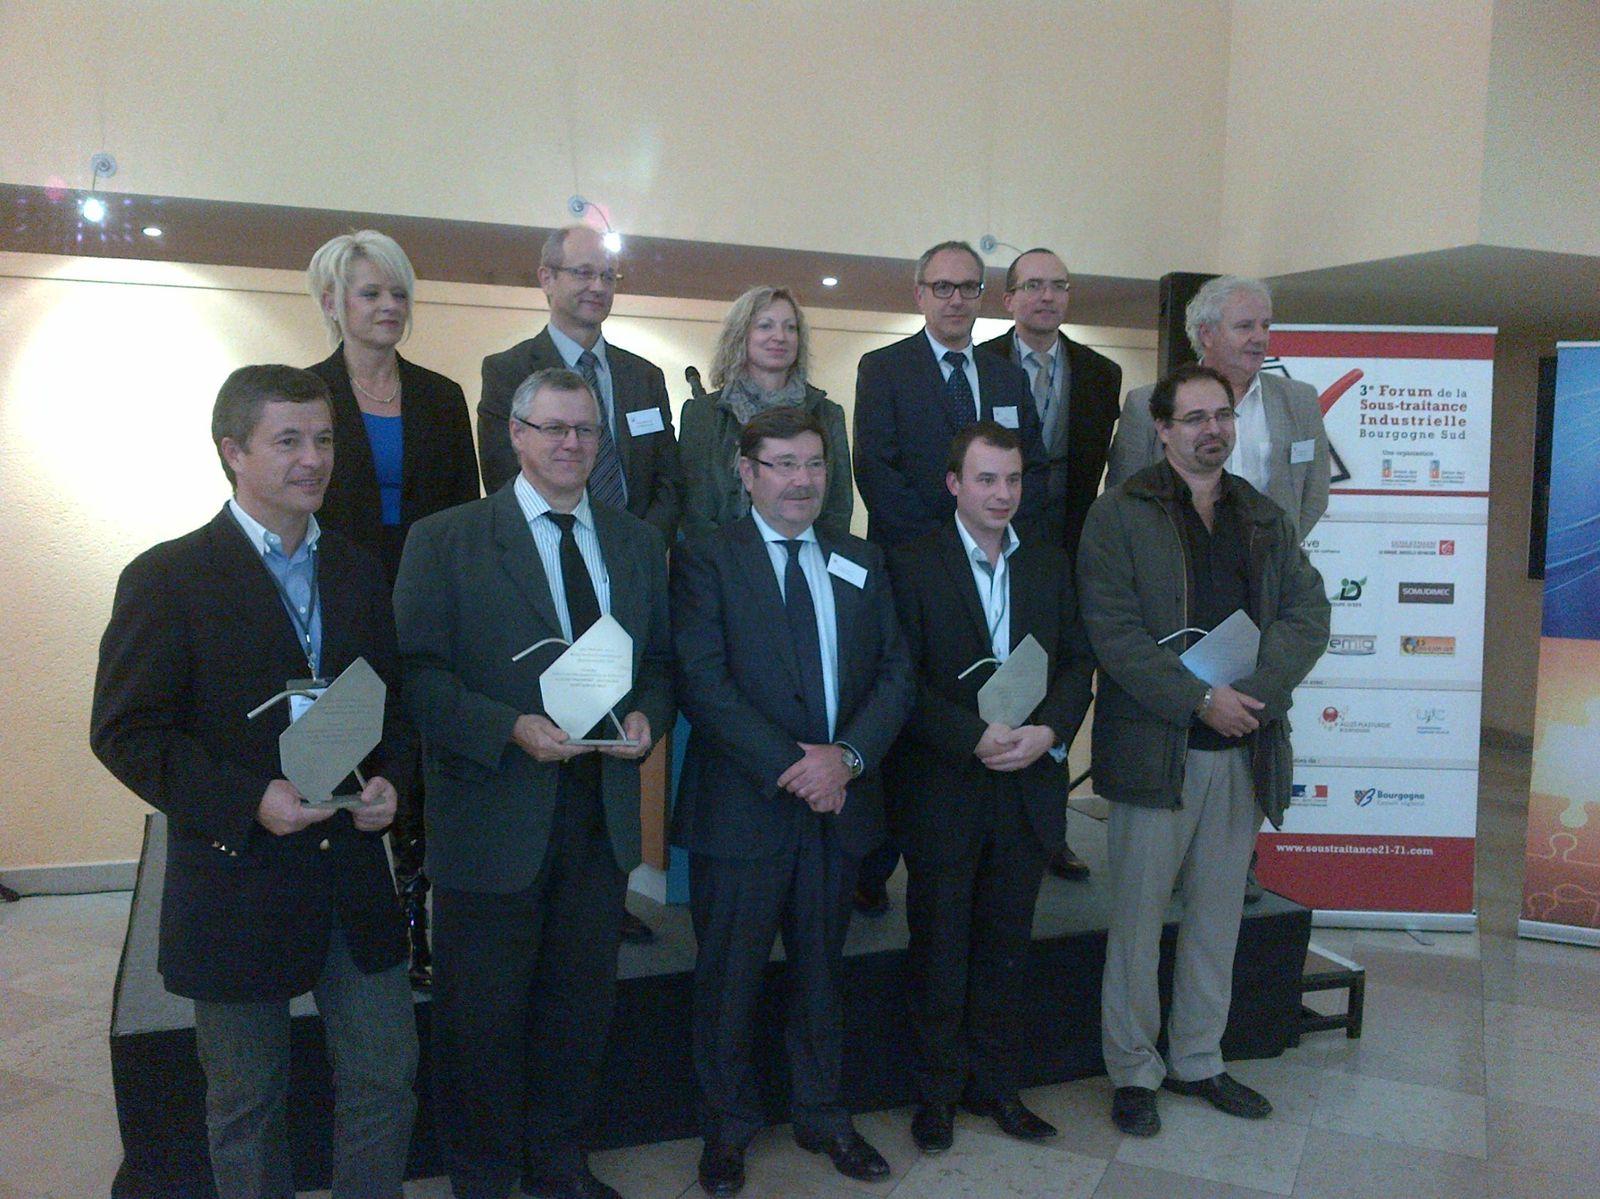 l'IRCE présente au 3° forum de la sous-traitance industrielle Bourgogne Sud